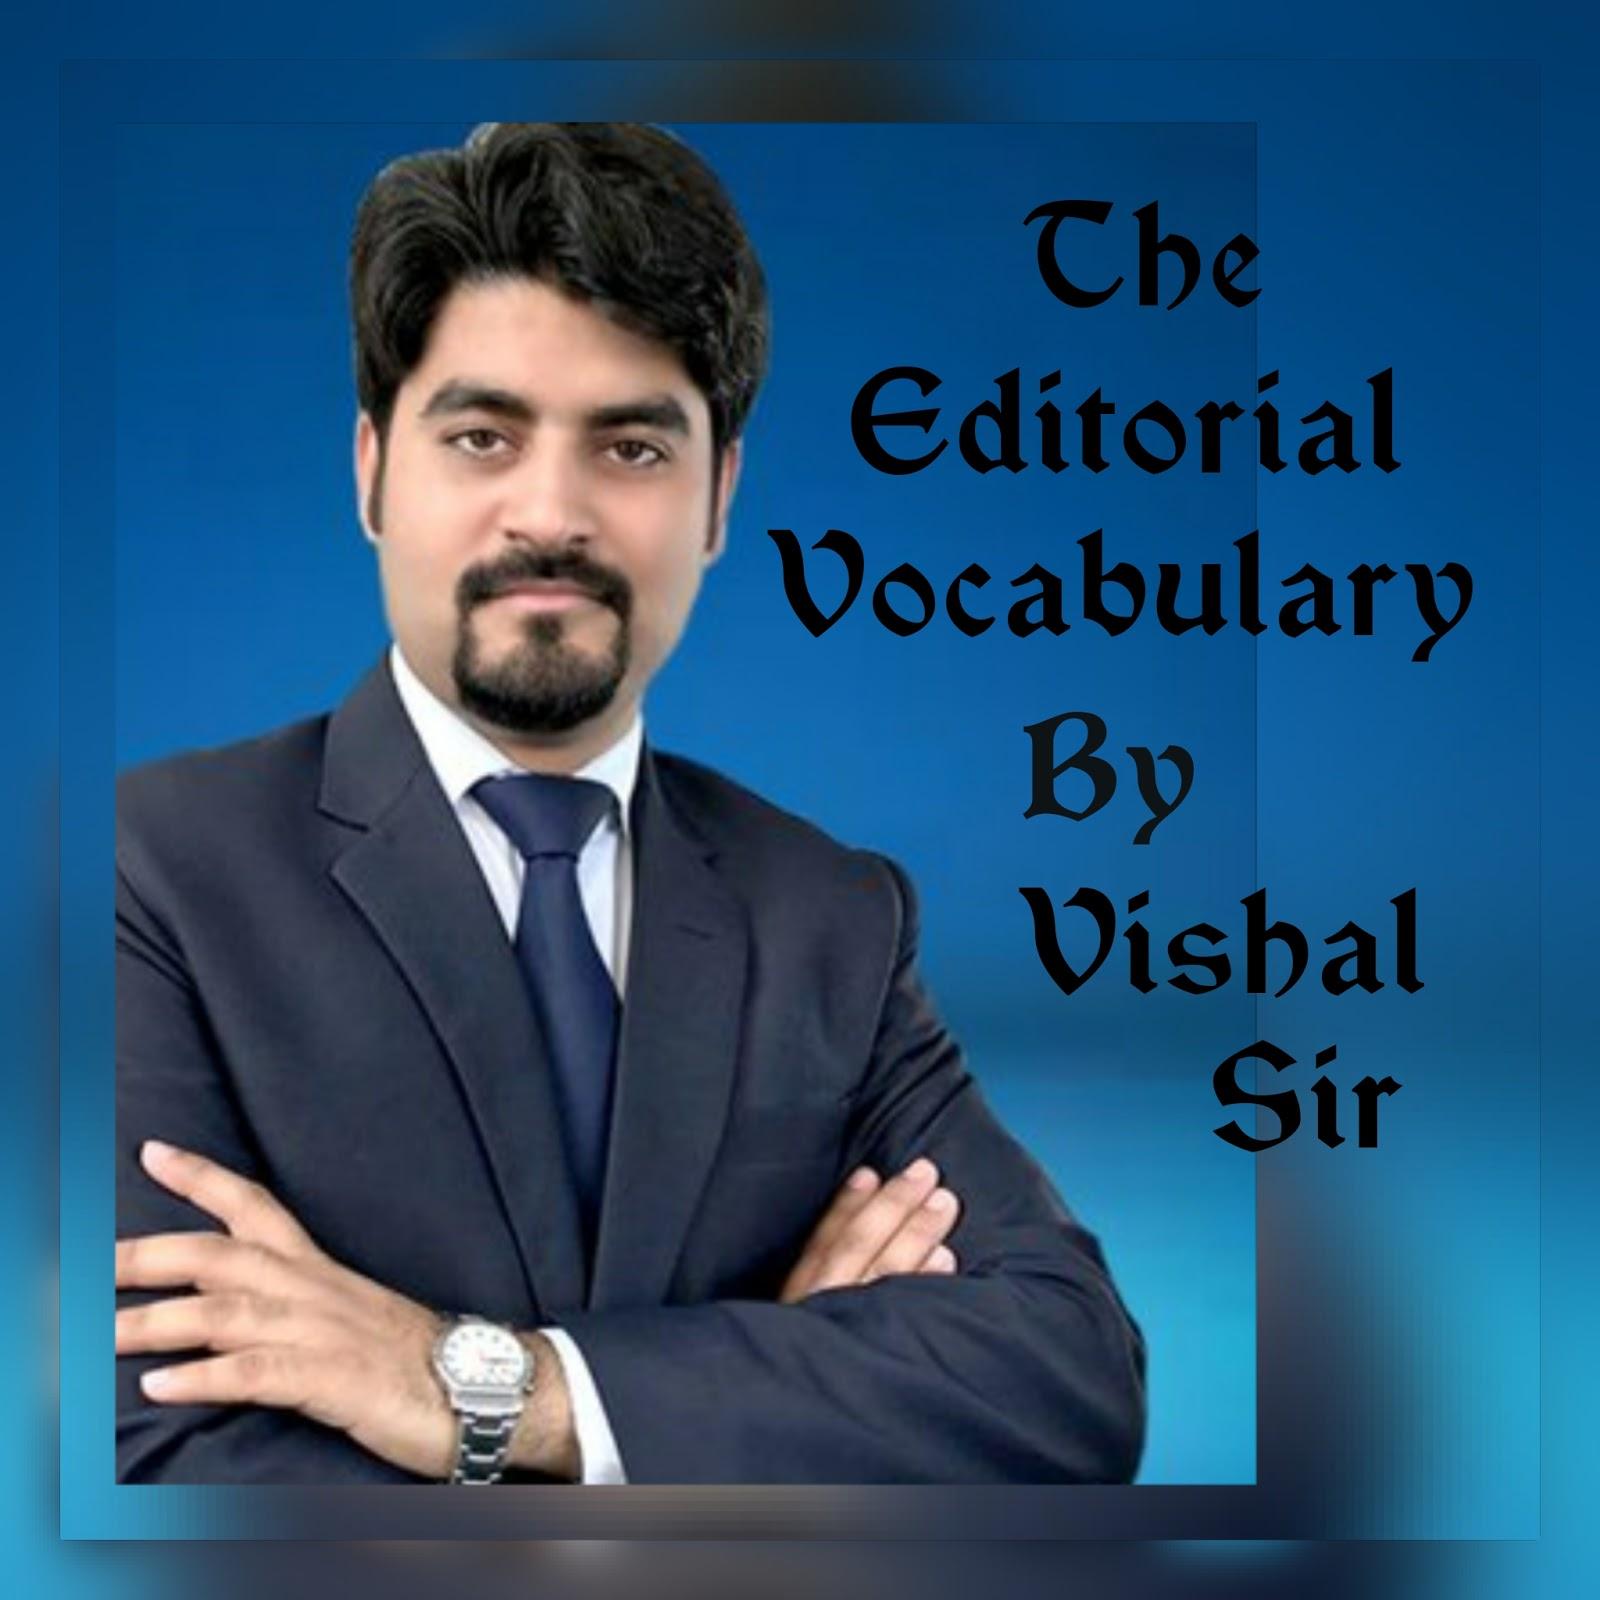 LYU Vishal Parihar: Editorial PDF